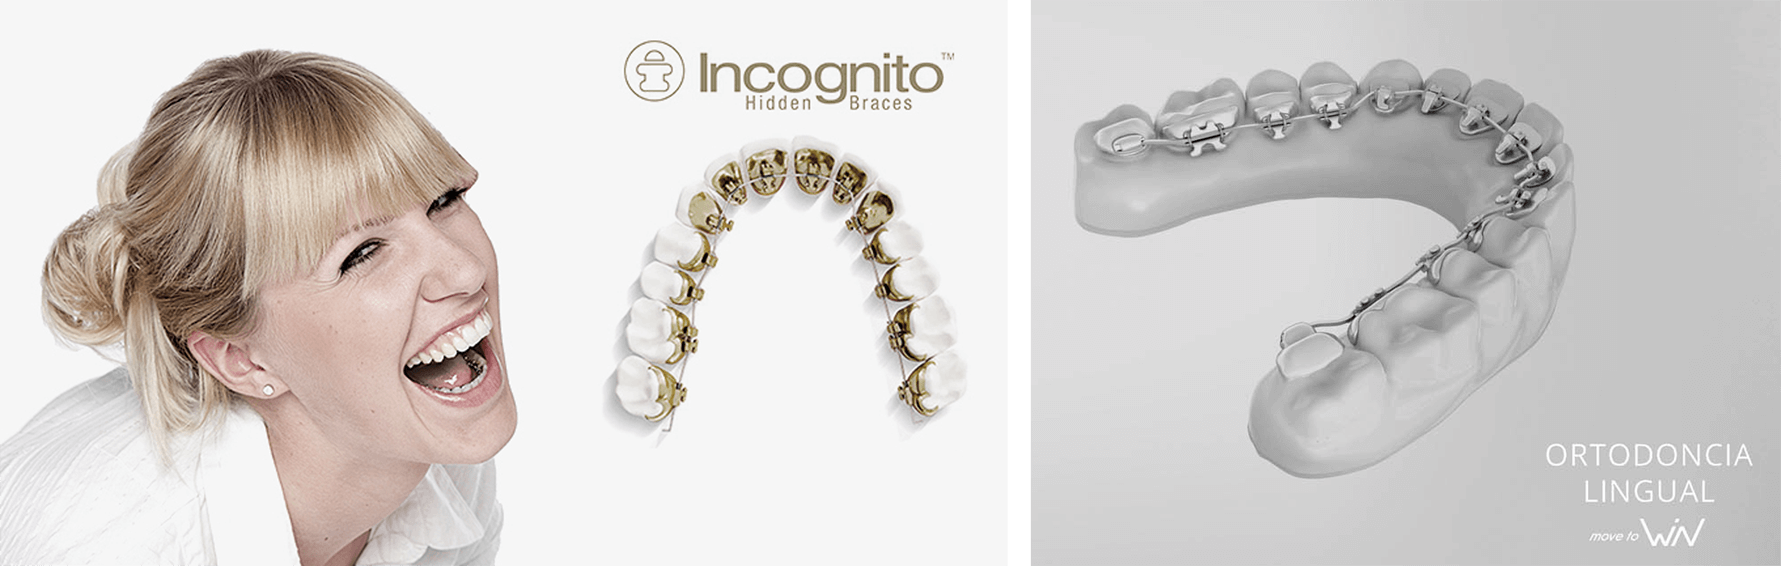 ortodoncia lingual_imagen